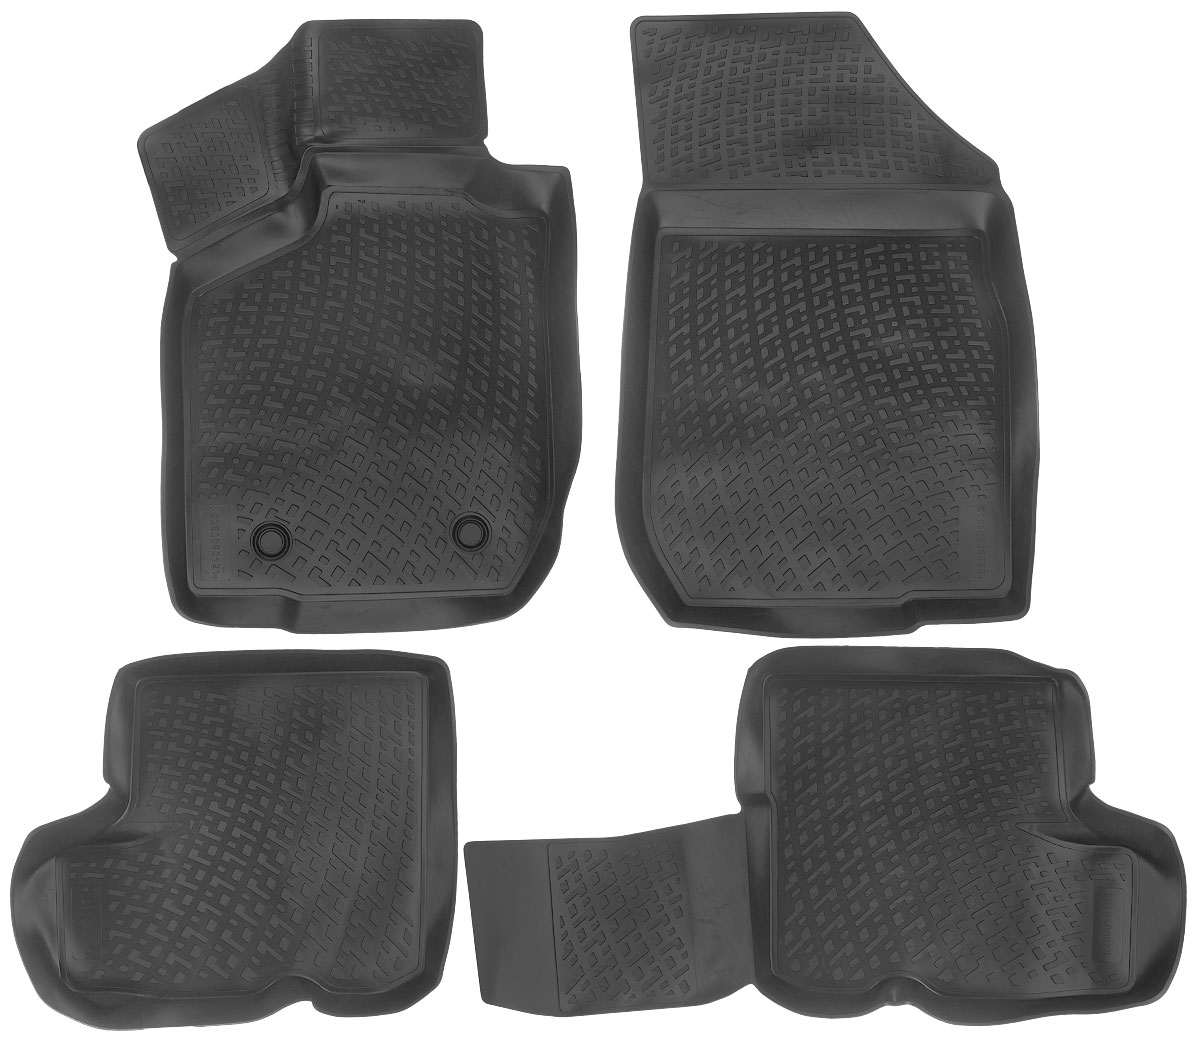 Набор автомобильных ковриков L.Locker Lada Largus 2012, в салон, 4 штFS-80423Набор L.Locker Lada Largus 2012, изготовленный из полиуретана, состоит из 4 ковриков,которые производятся индивидуально для каждой моделиавтомобиля. Изделие точно повторяет геометрию пола автомобиля, имеет высокийборт, обладает повышенной износоустойчивостью, лишено резкого запаха и сохраняет своипотребительские свойства в широком диапазоне температур от -50°С до +80°С.Комплектация: 4 шт.Размер ковриков: 81 см х 56 см; 81 см х 56 см; 91 см х 50 см; 50 см х 57 см.